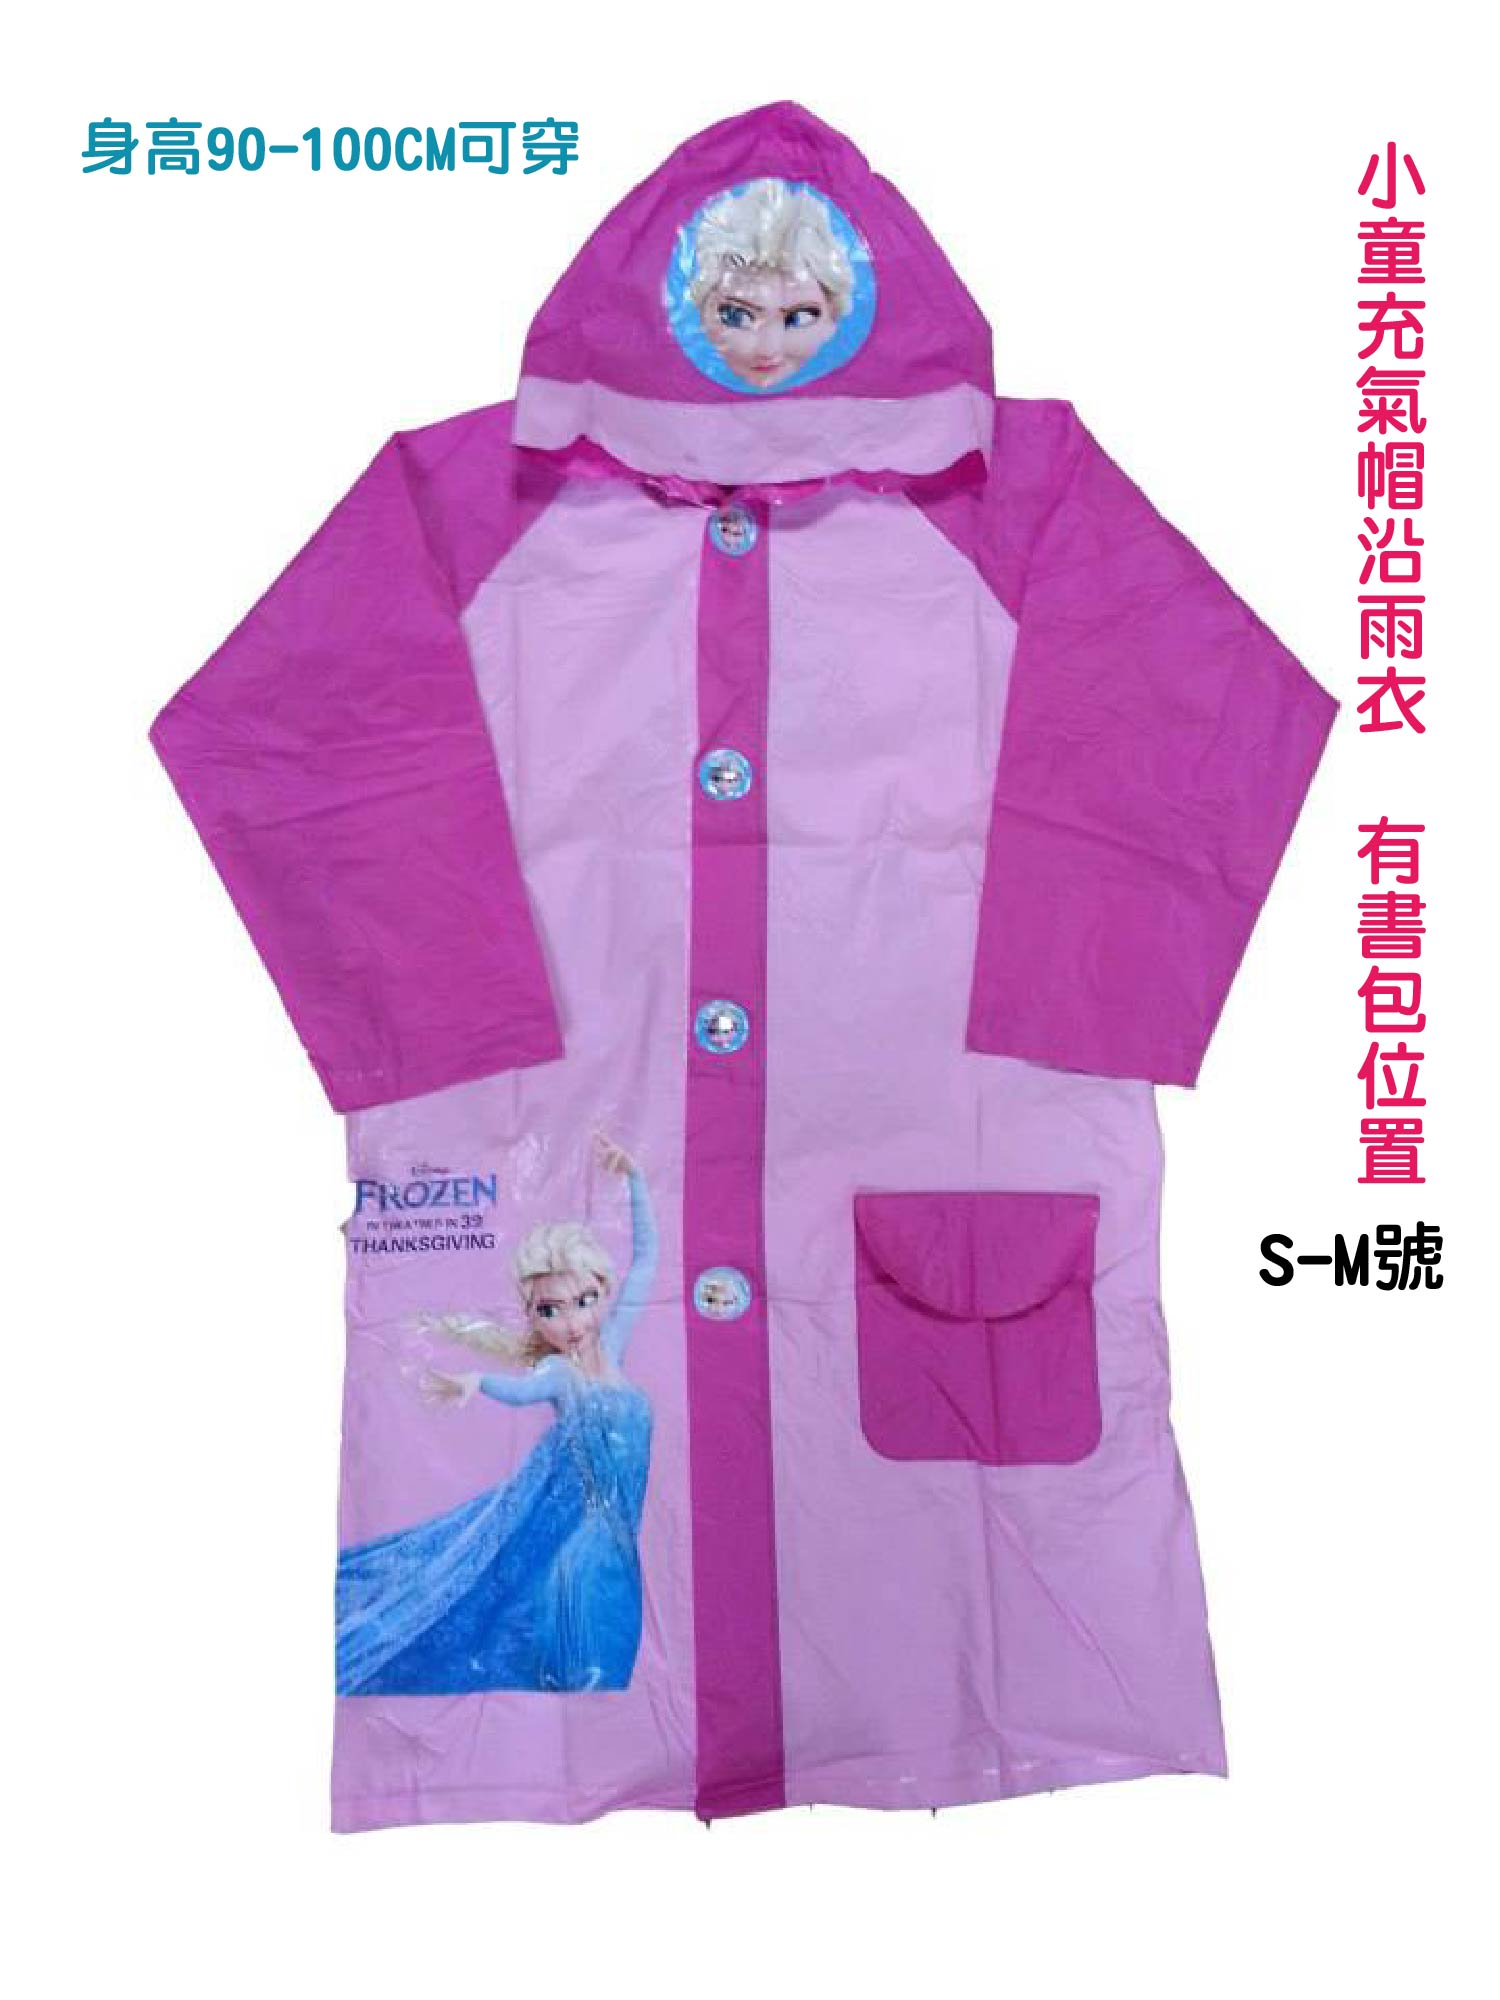 購GO購-團購網 新品 冰雪奇緣兒童雨衣 充氣帽沿 有書包位 粉色